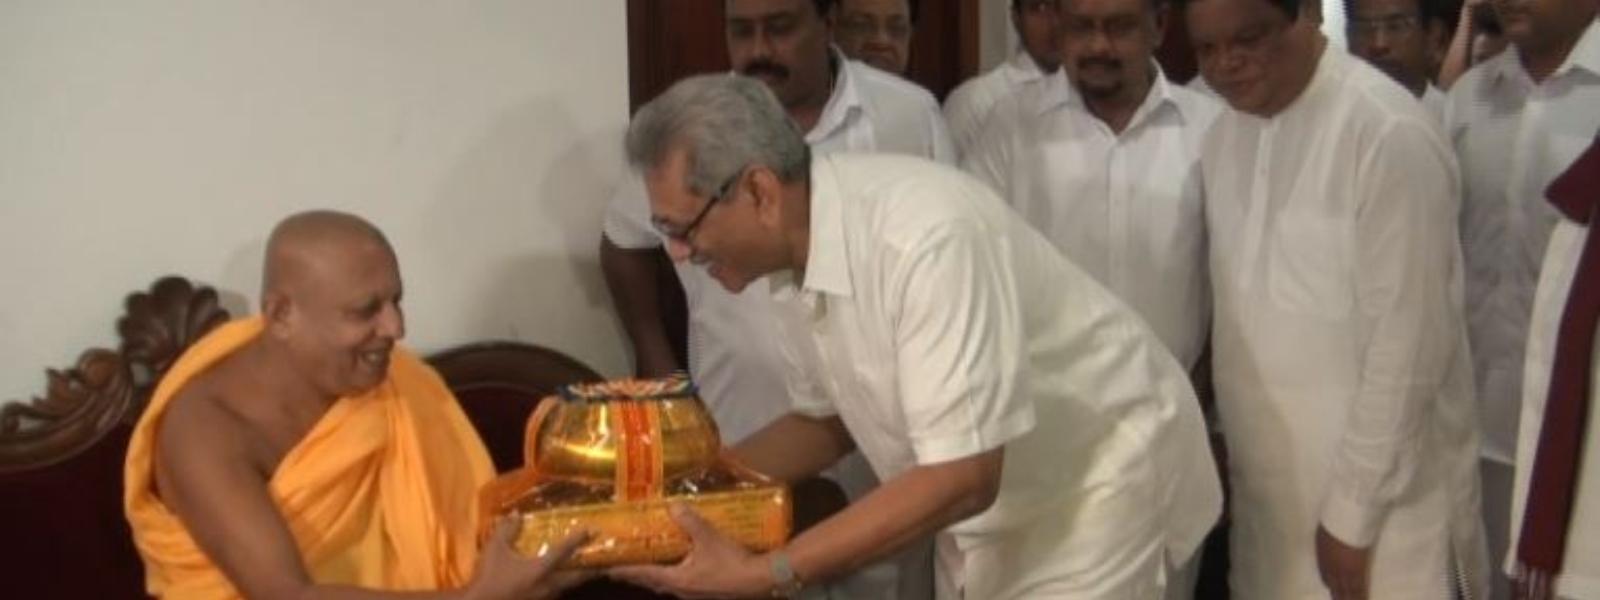 Gotabaya Rajapaksa pays homage to Jaya Sri Maha Bodhi